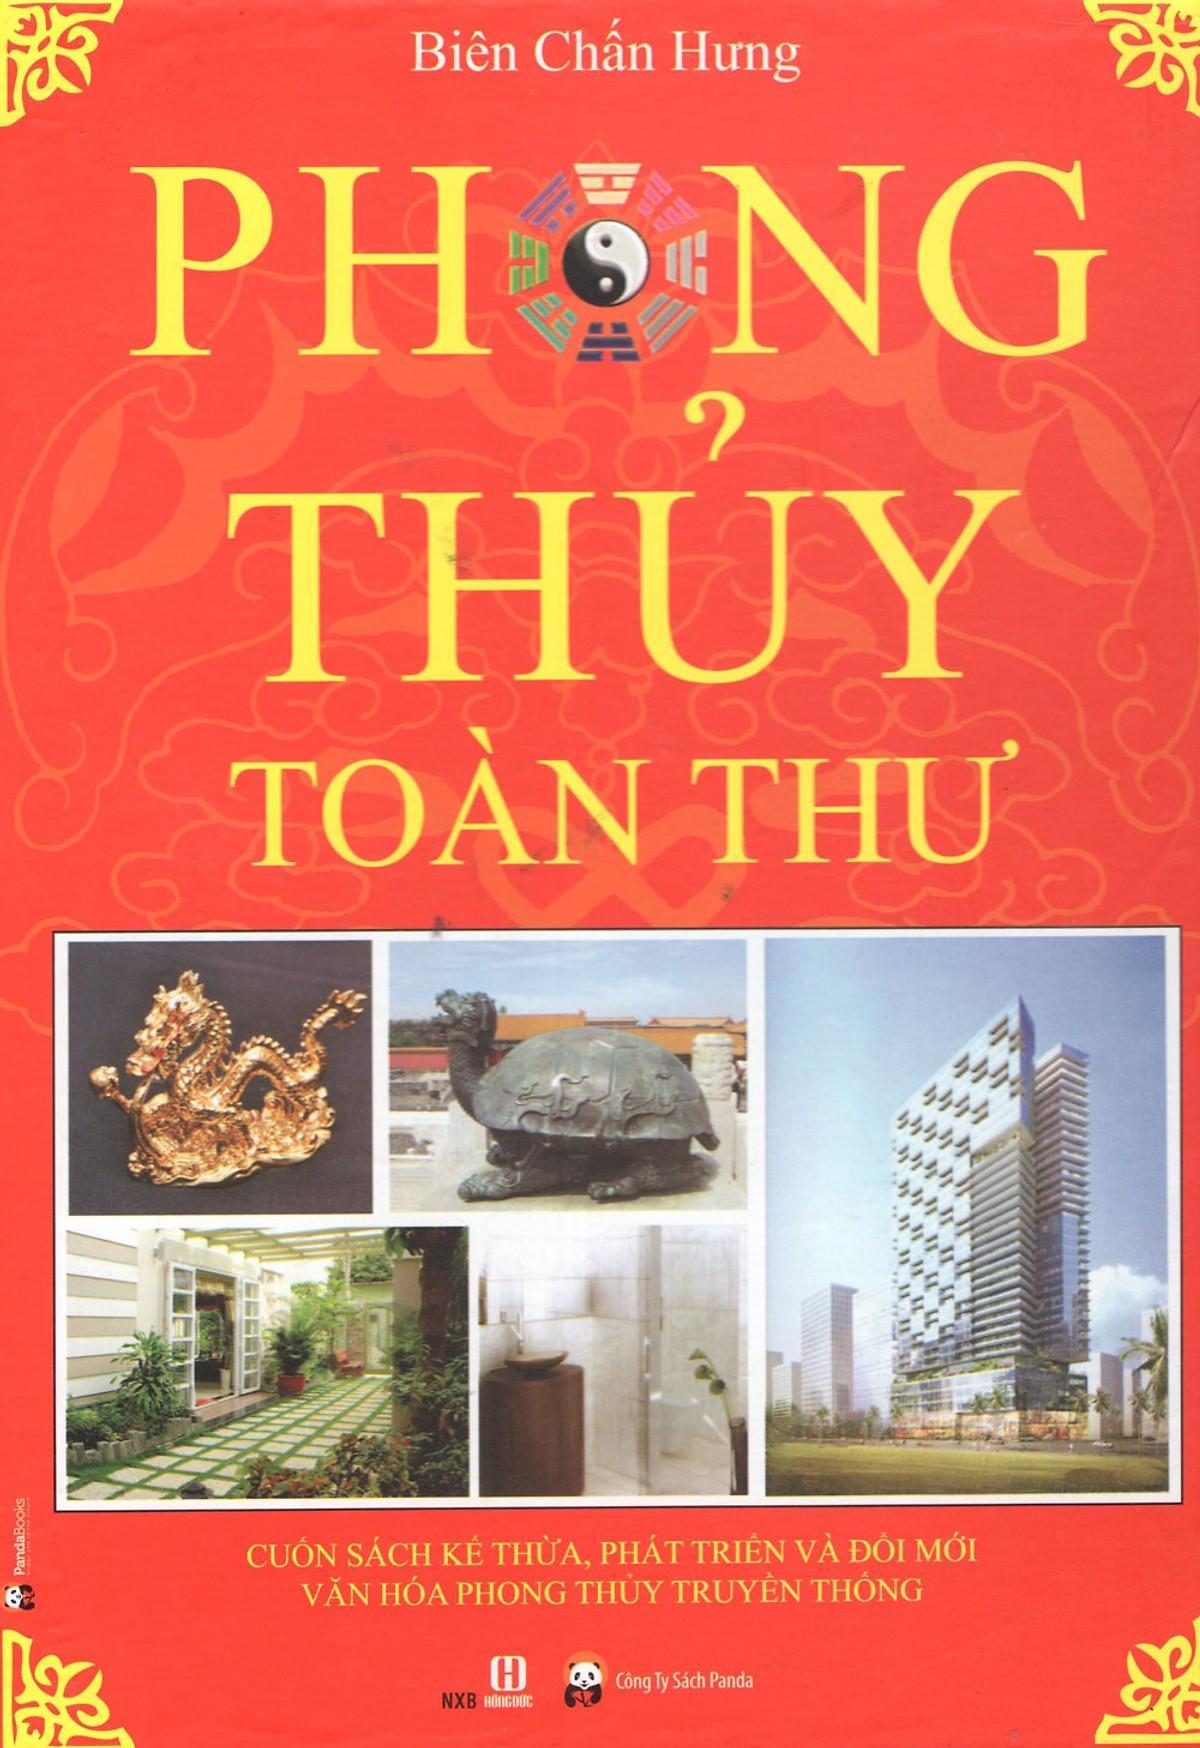 Mua Phong Thủy Toàn Thư - Biên Chấn Hưng